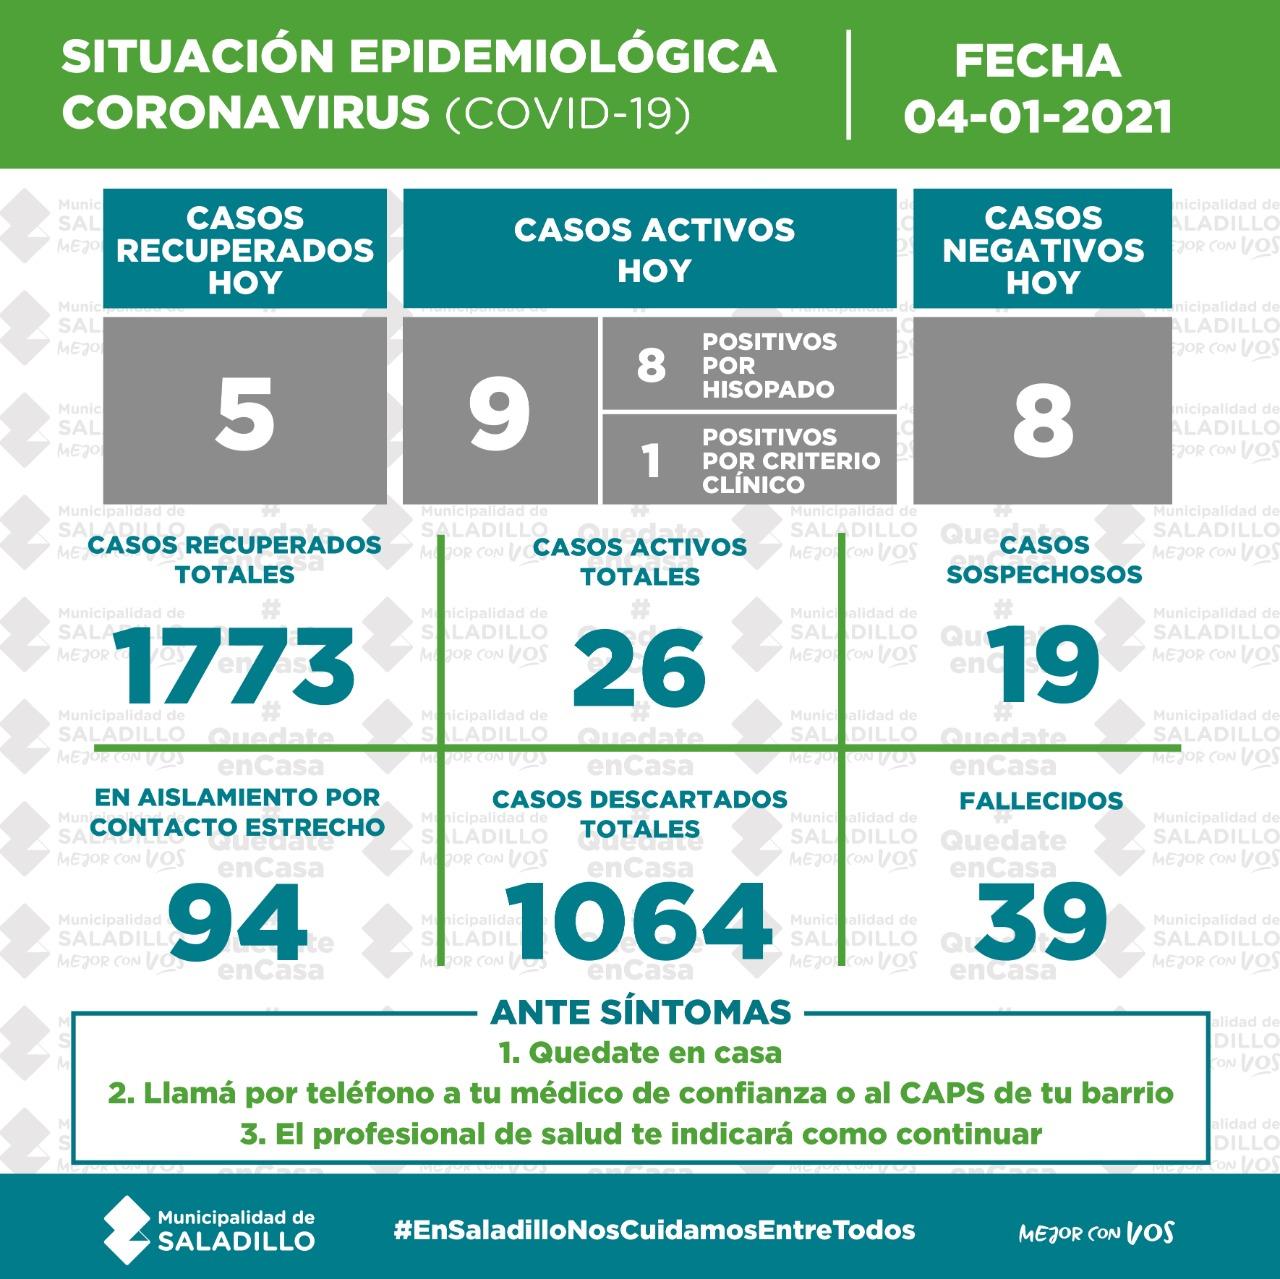 SITUACIÓN EPIDEMIOLÓGICA EN SALADILLO AL 04/01/2021